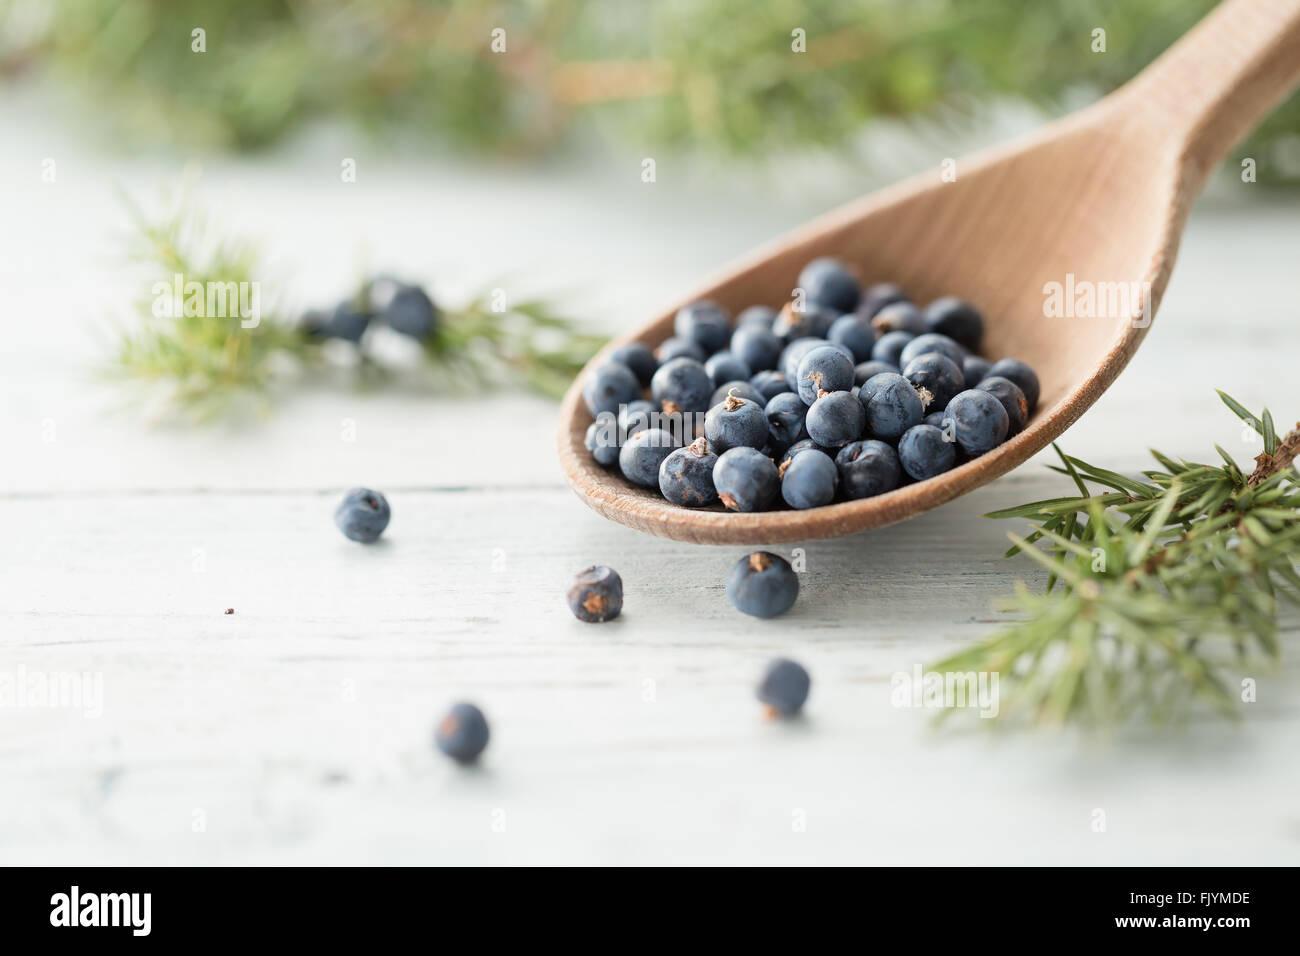 Wooden spoon with juniper berries - Stock Image